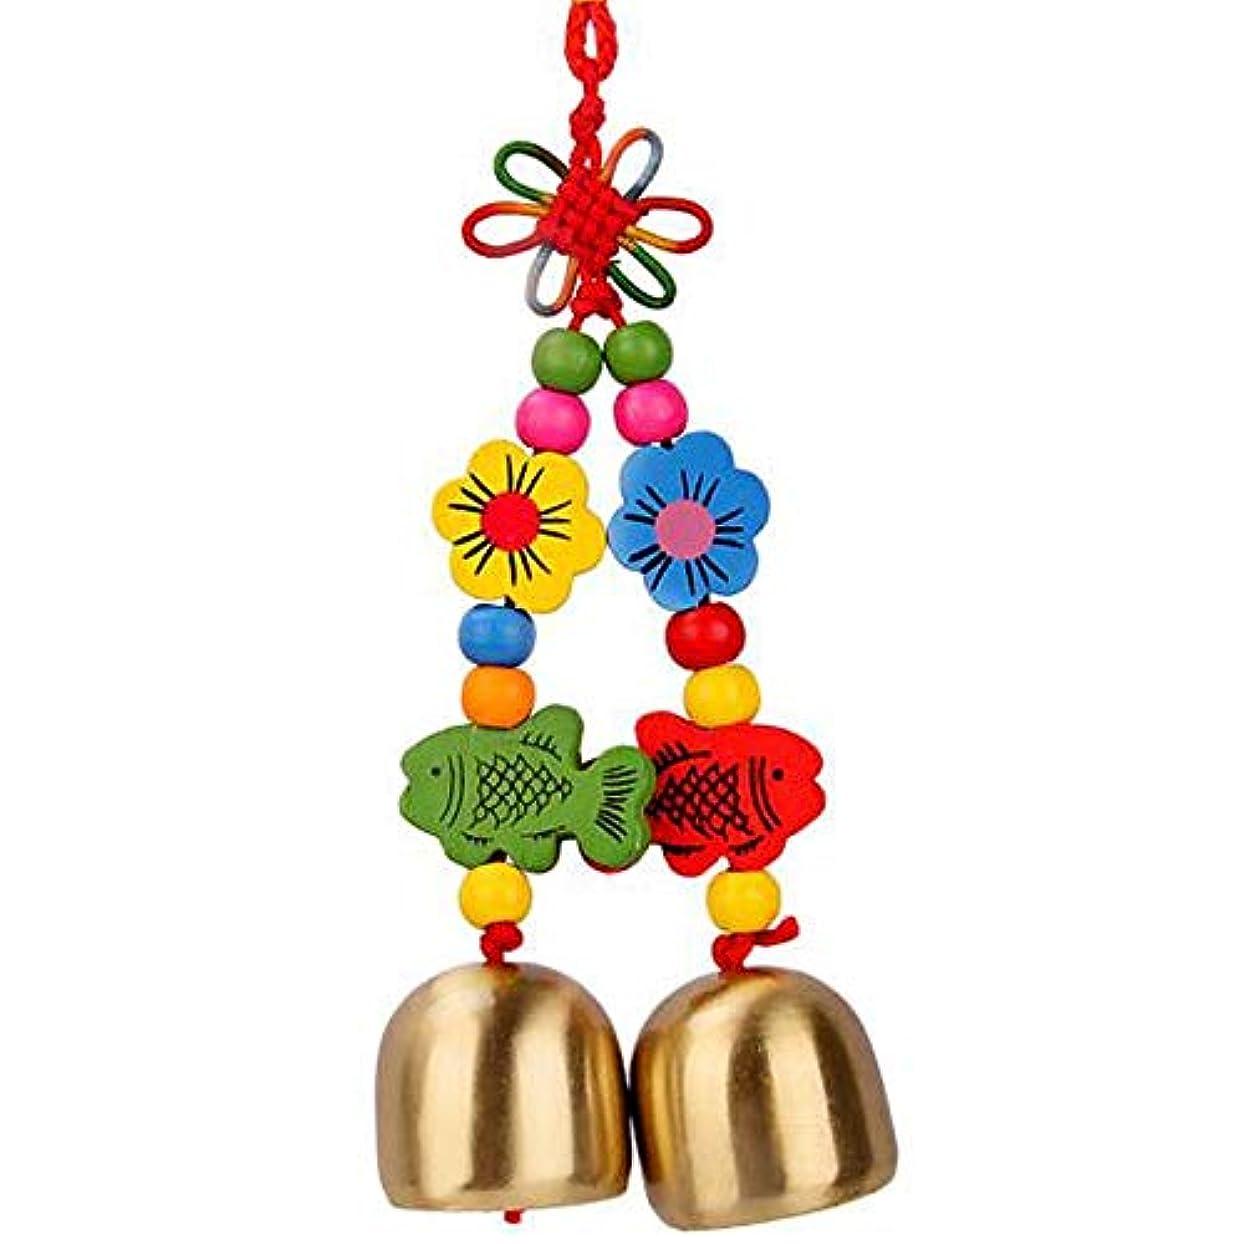 劇作家徒歩で付録Kaiyitong01 風チャイム、中国のノット銅鐘ホーム車の装飾、ゴールド、全長約22CM,絶妙なファッション (Color : B)